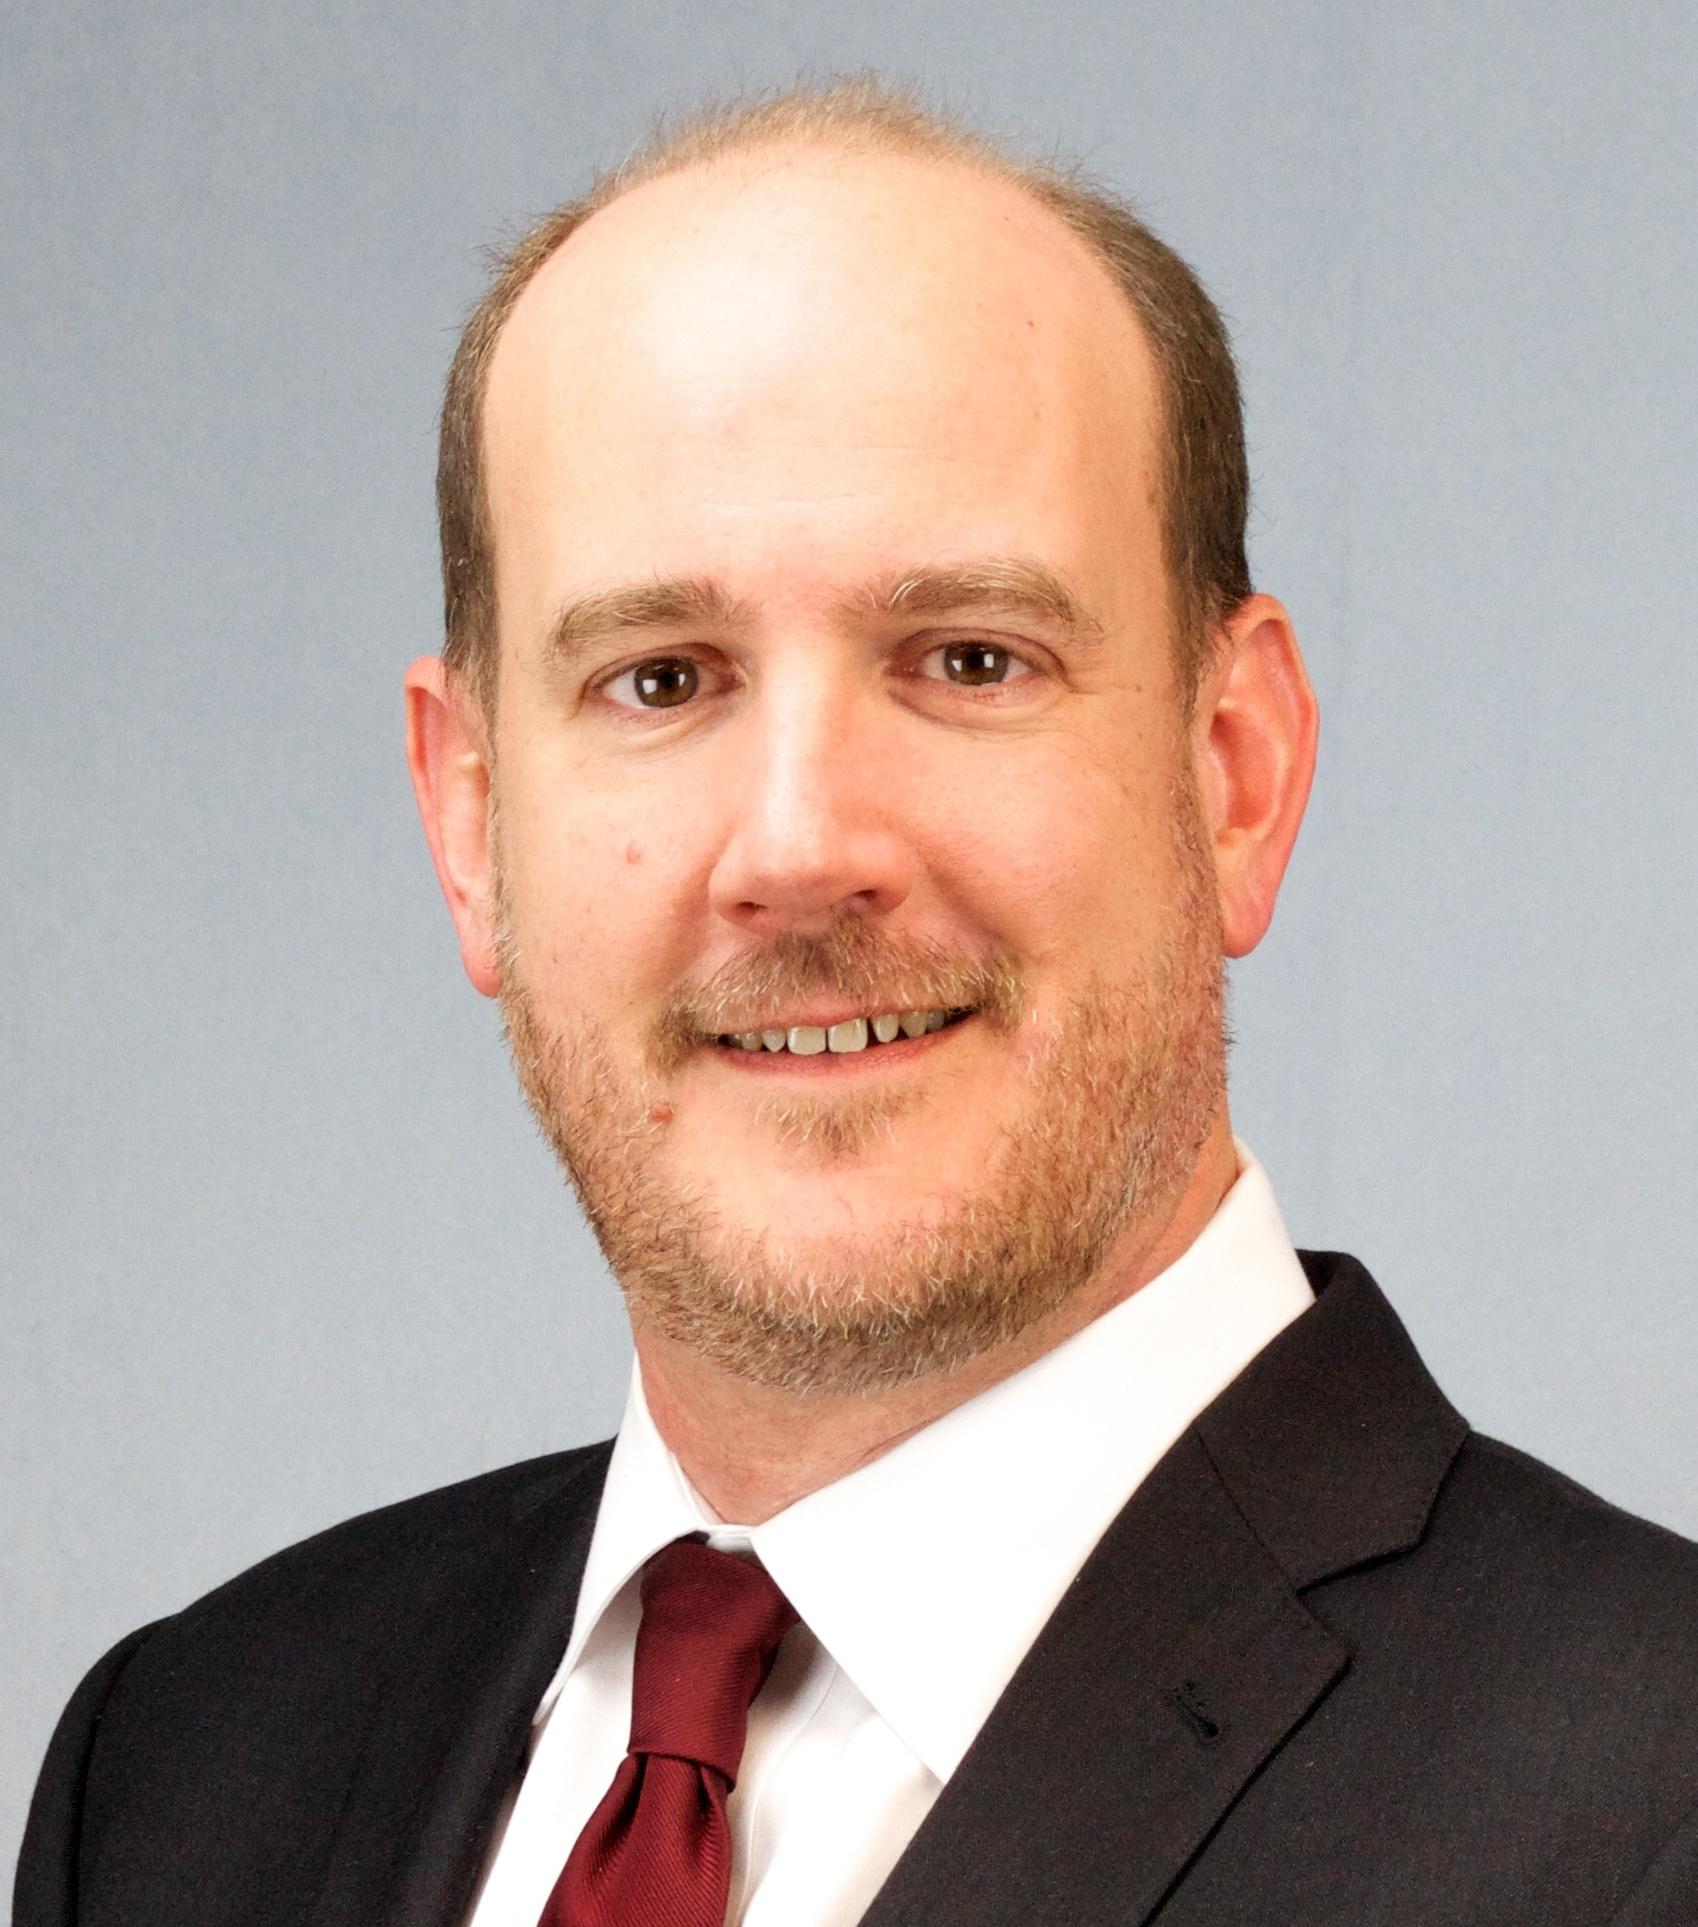 Ken Blackwell, CEO of InKlaritas